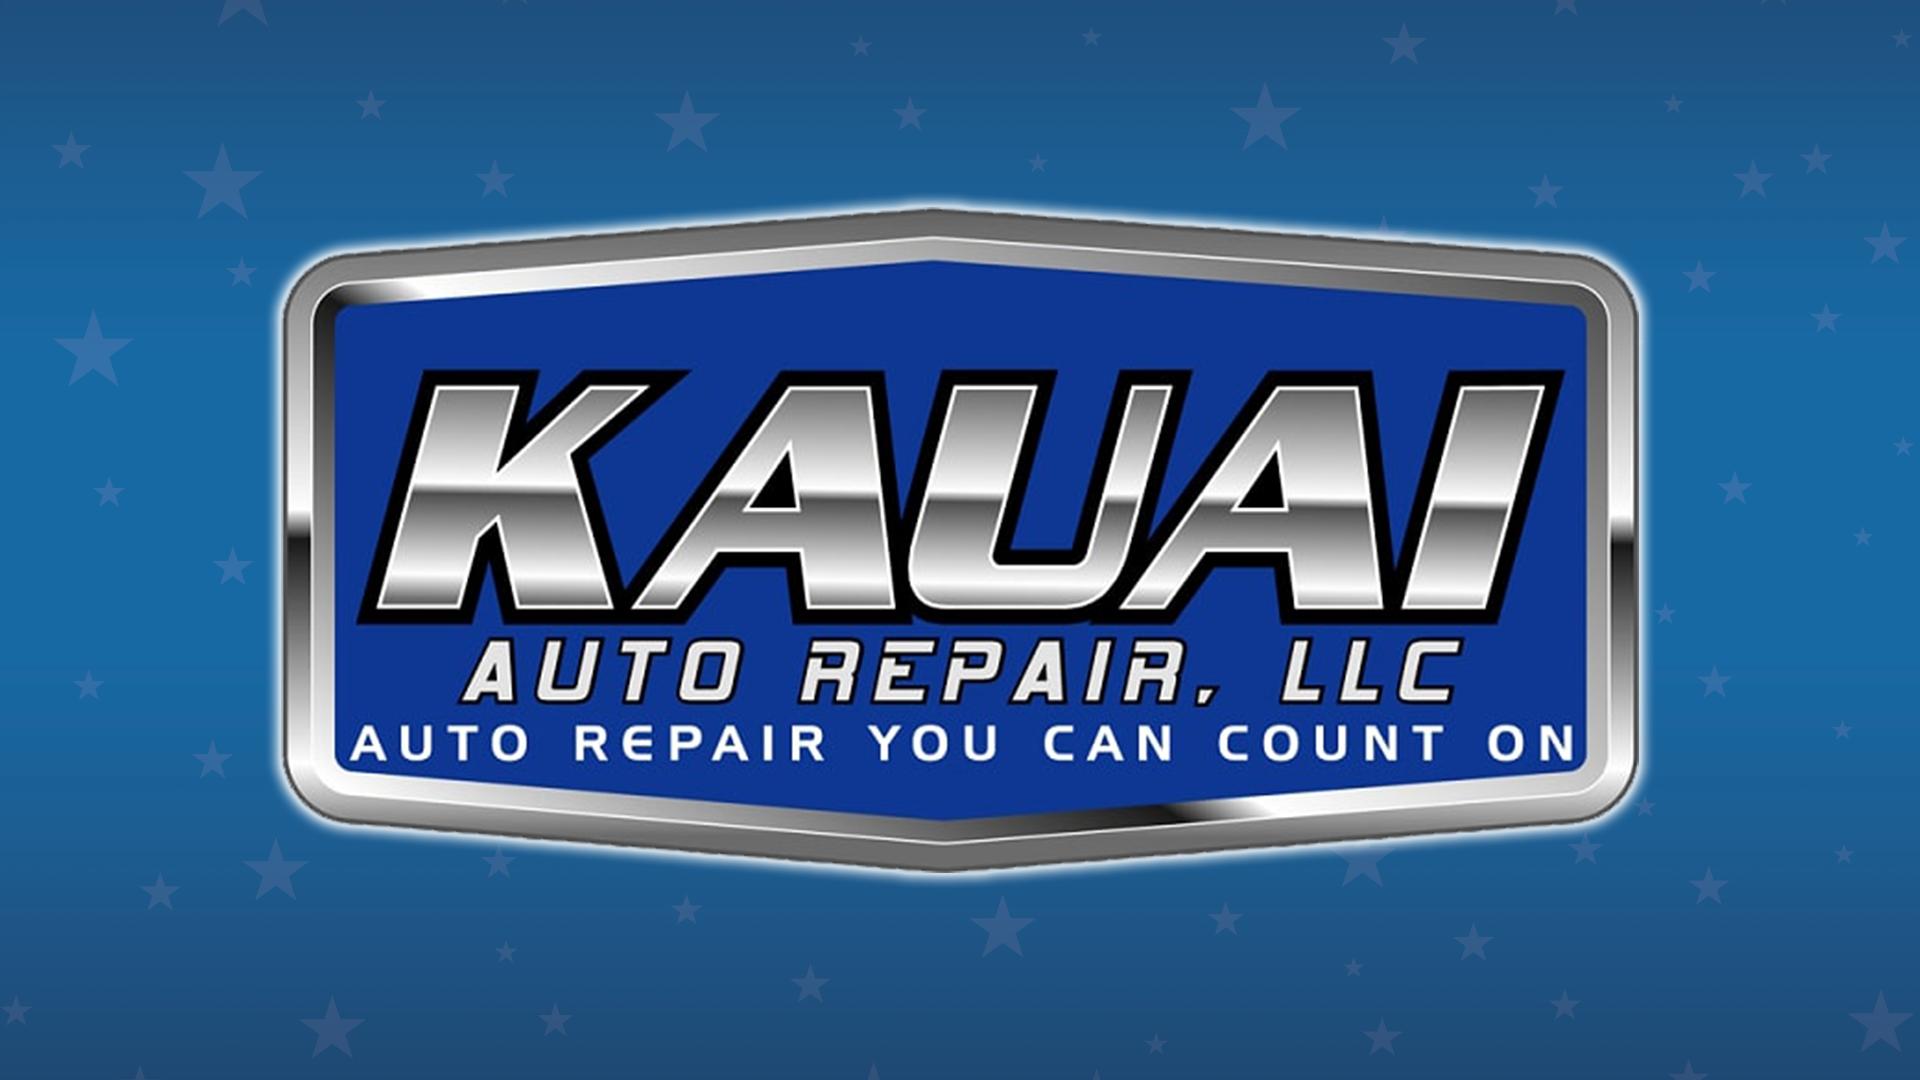 Kauai Auto Repair